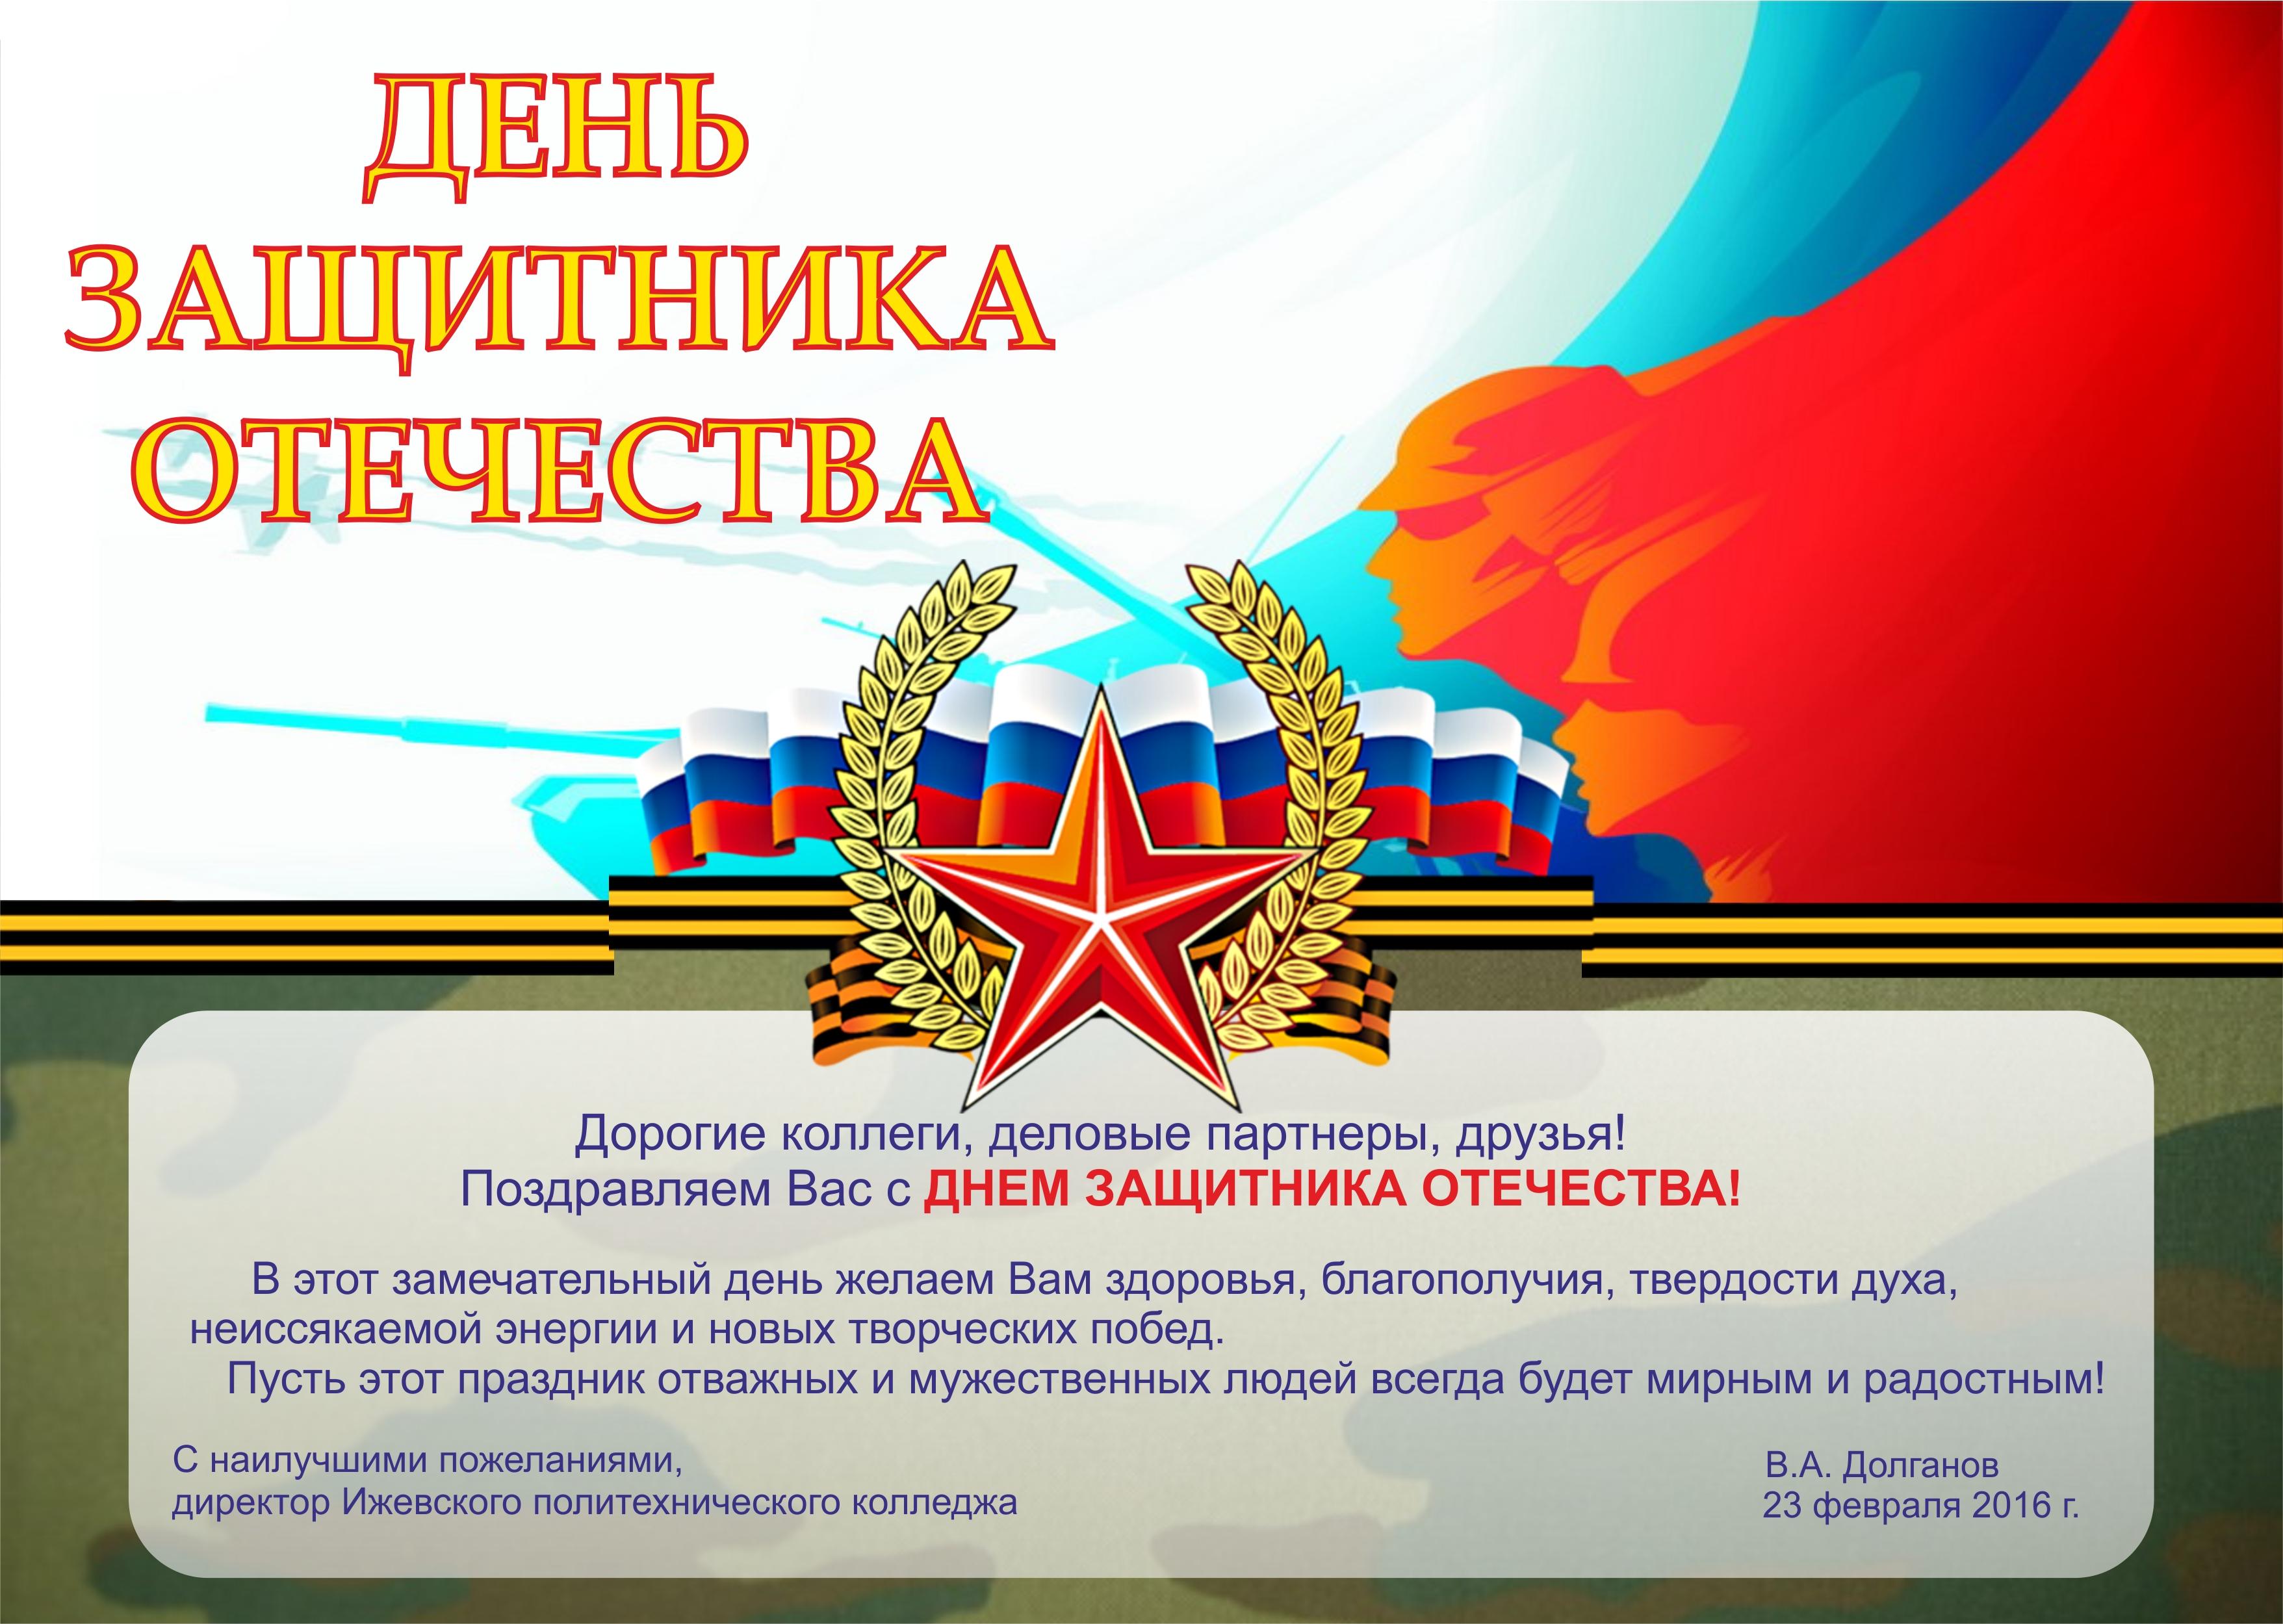 Поздравление открытка с днем отечества